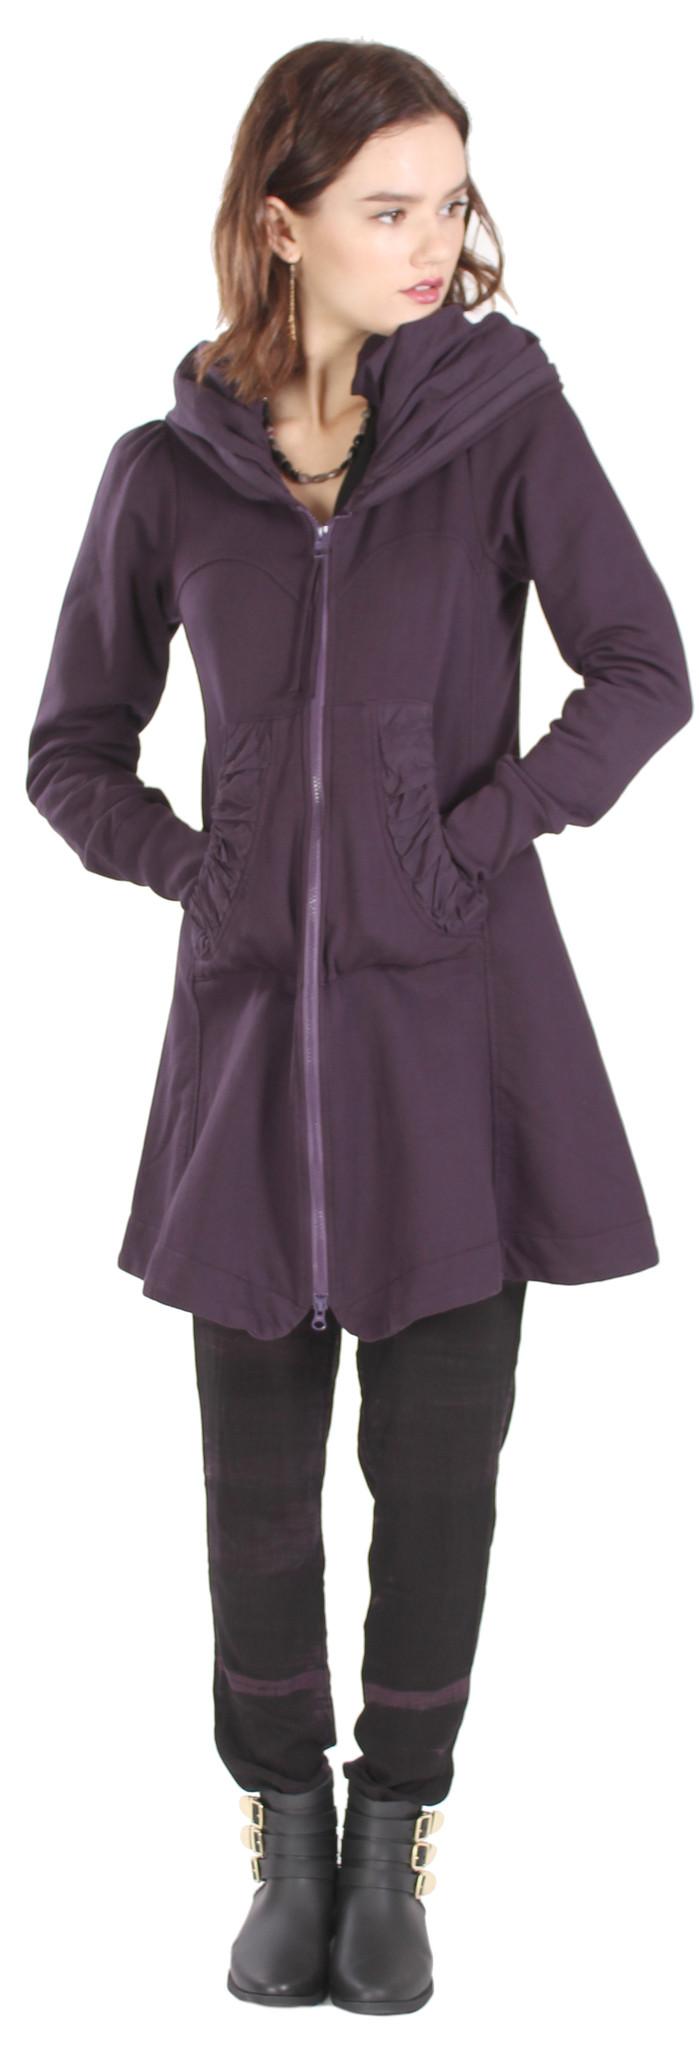 Prairie underground short cloak hoodie